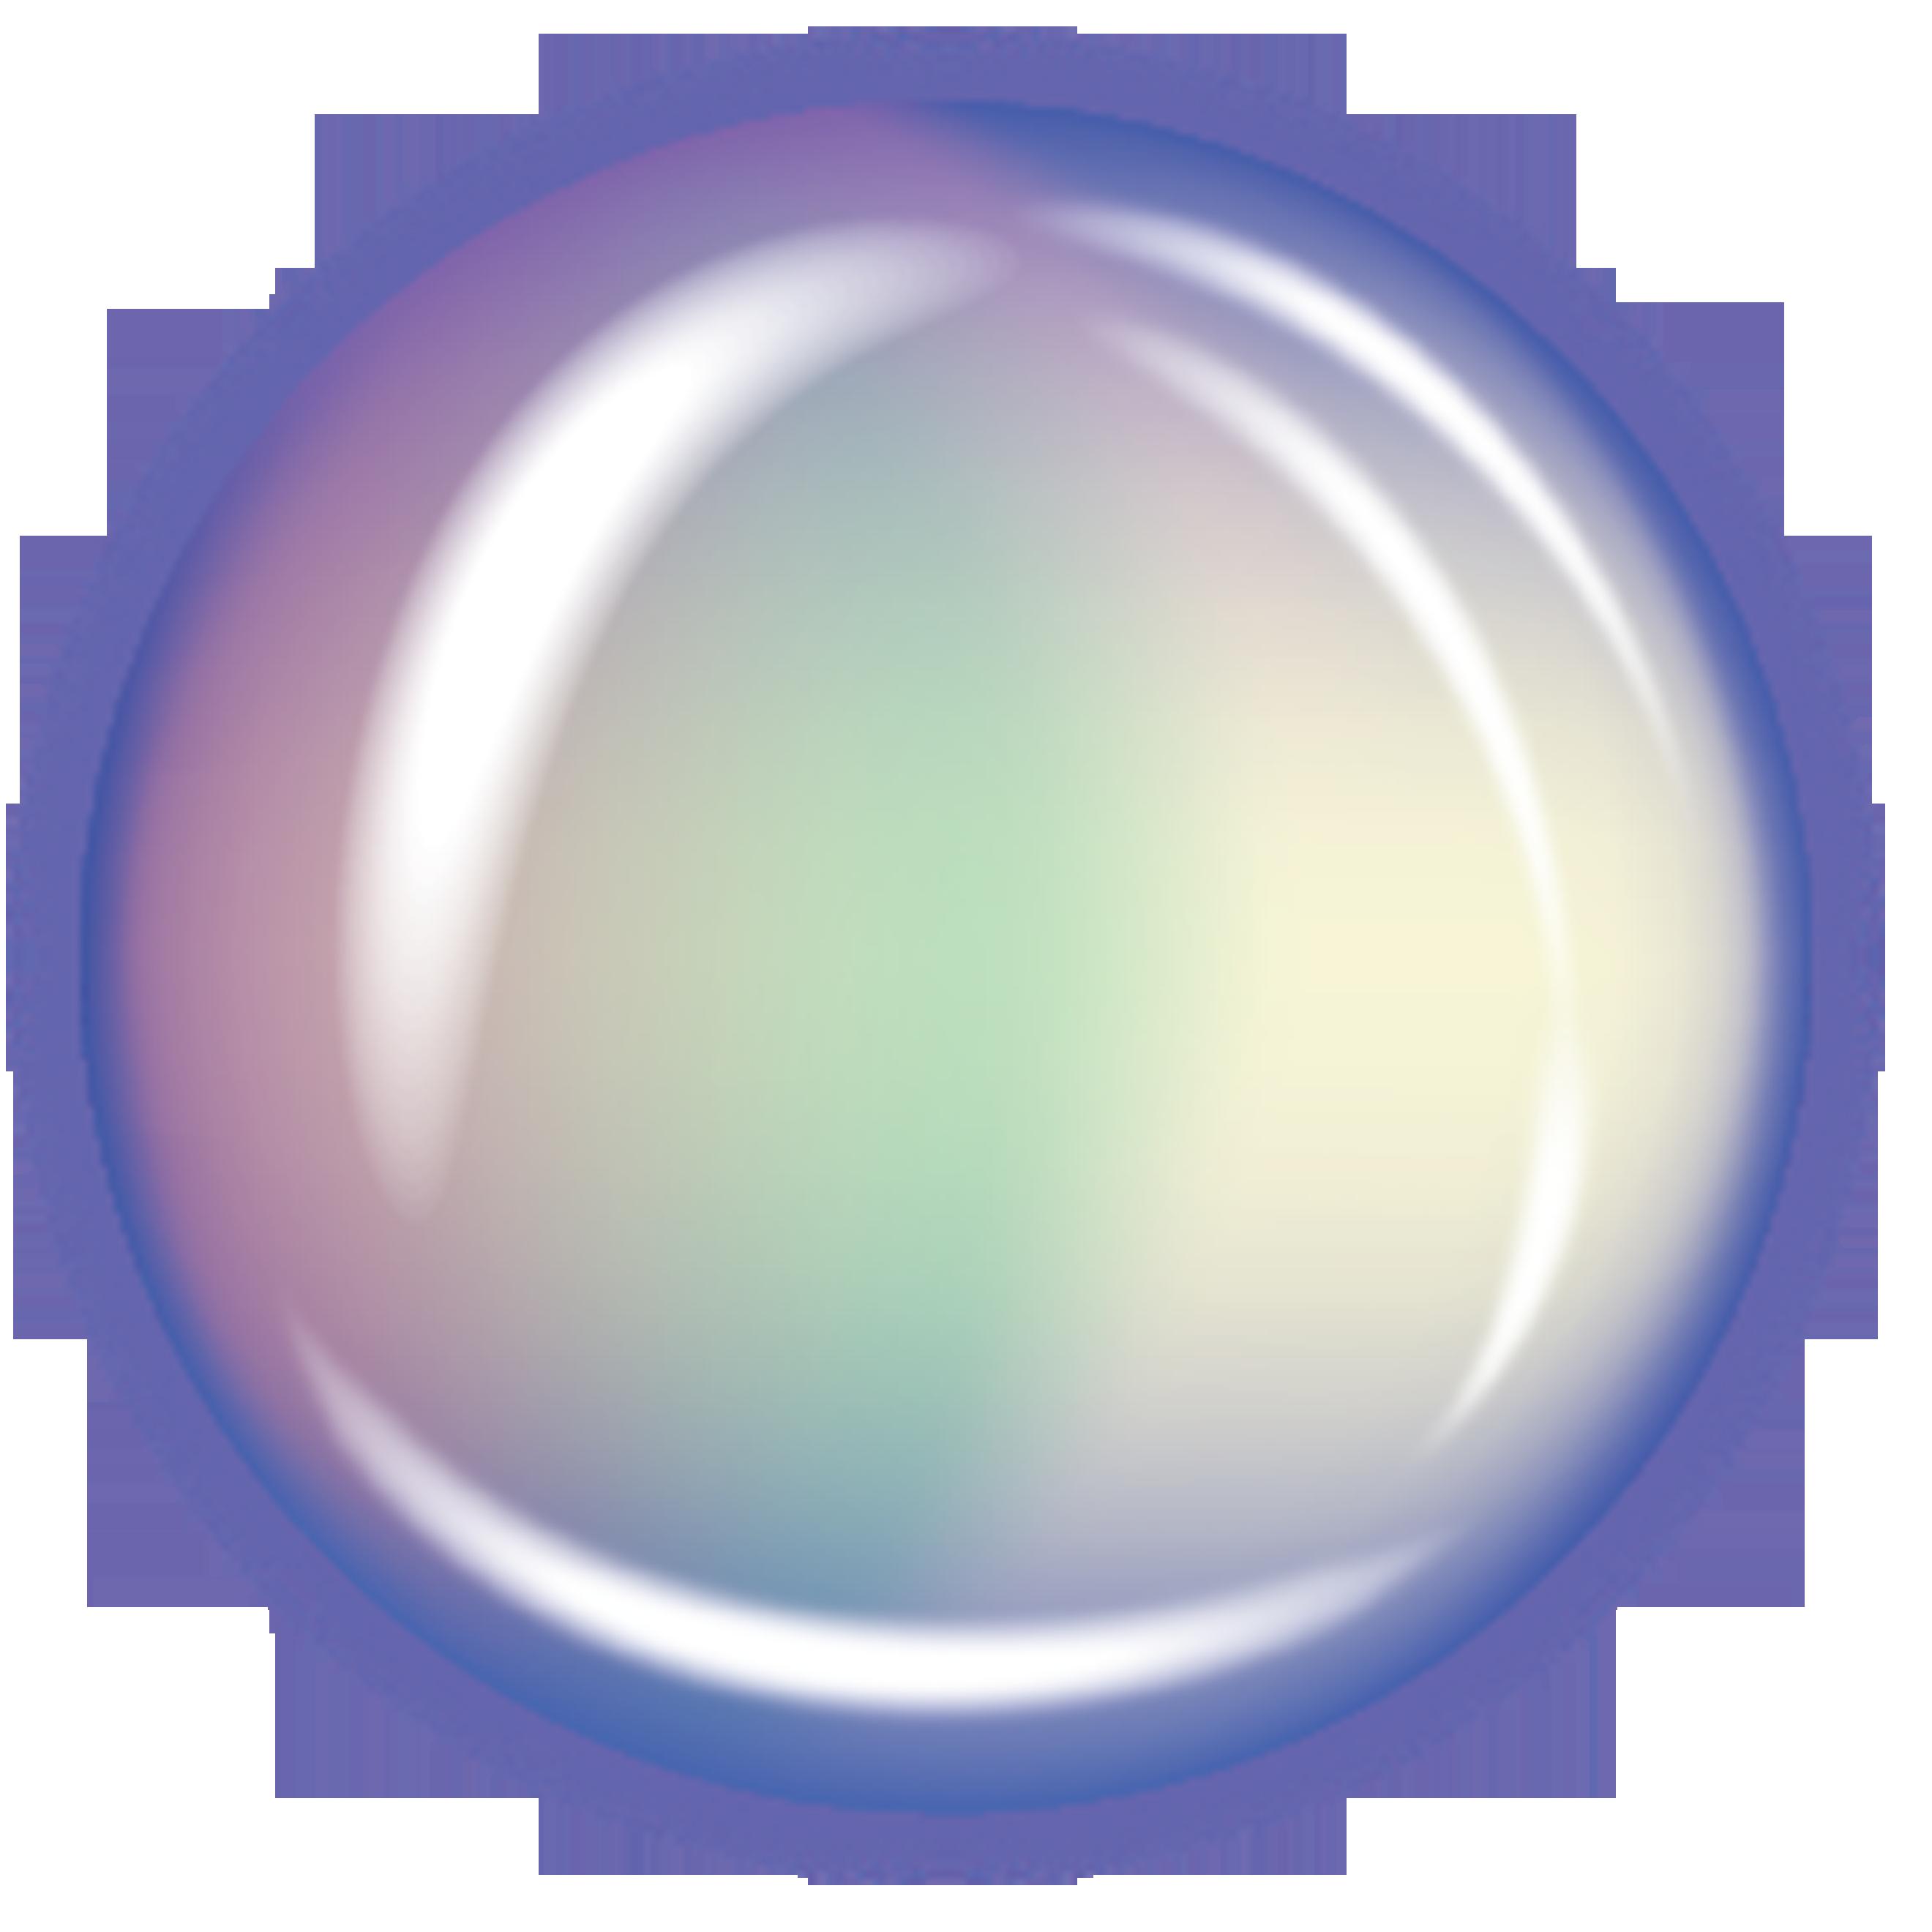 Transparent bubble clip.